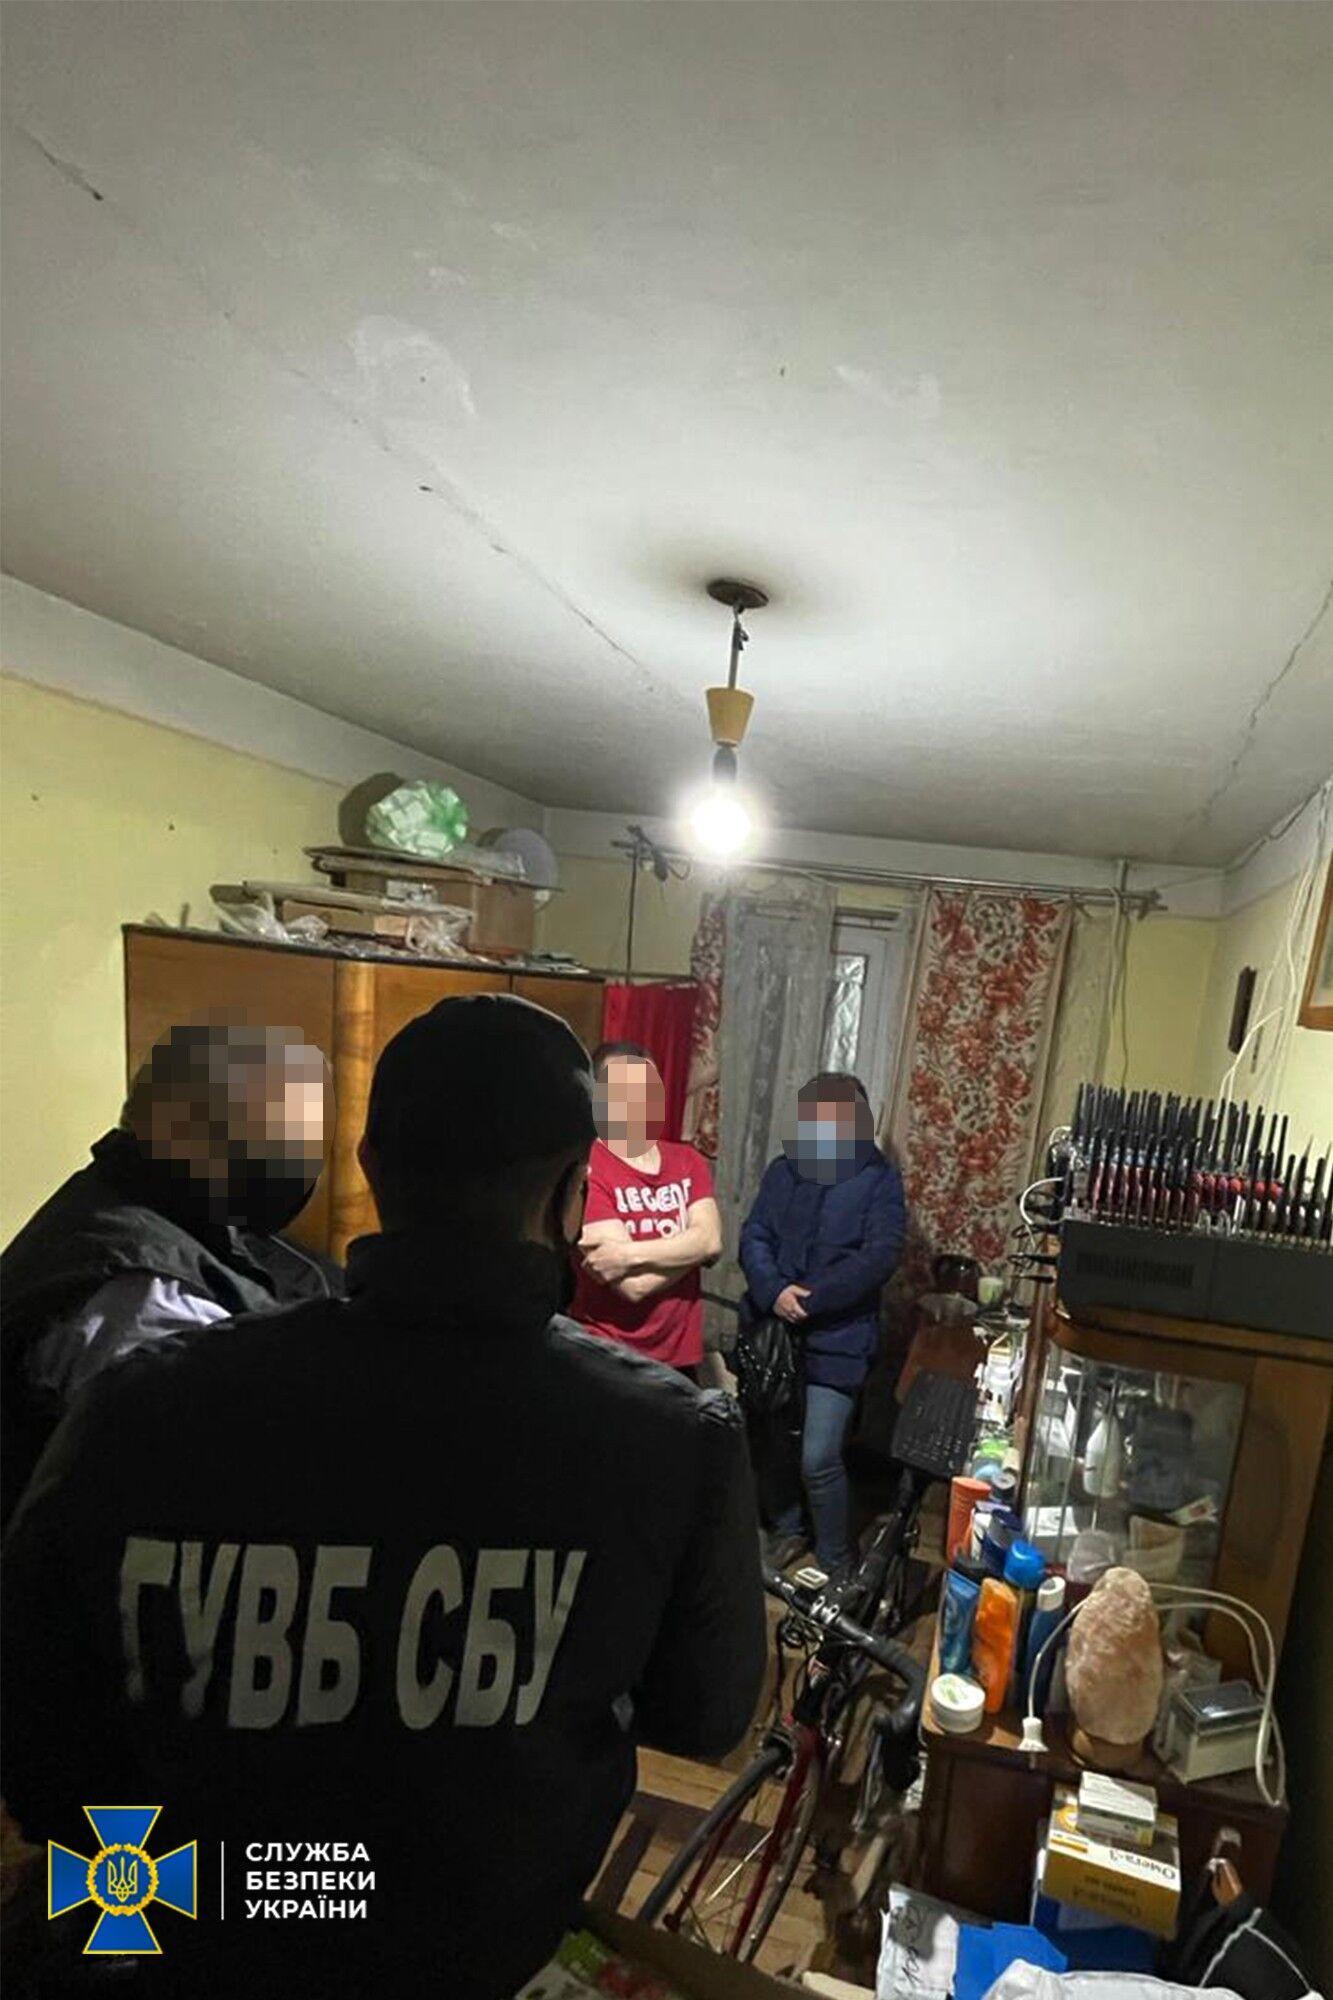 Злоумышленником оказался житель Львовской области